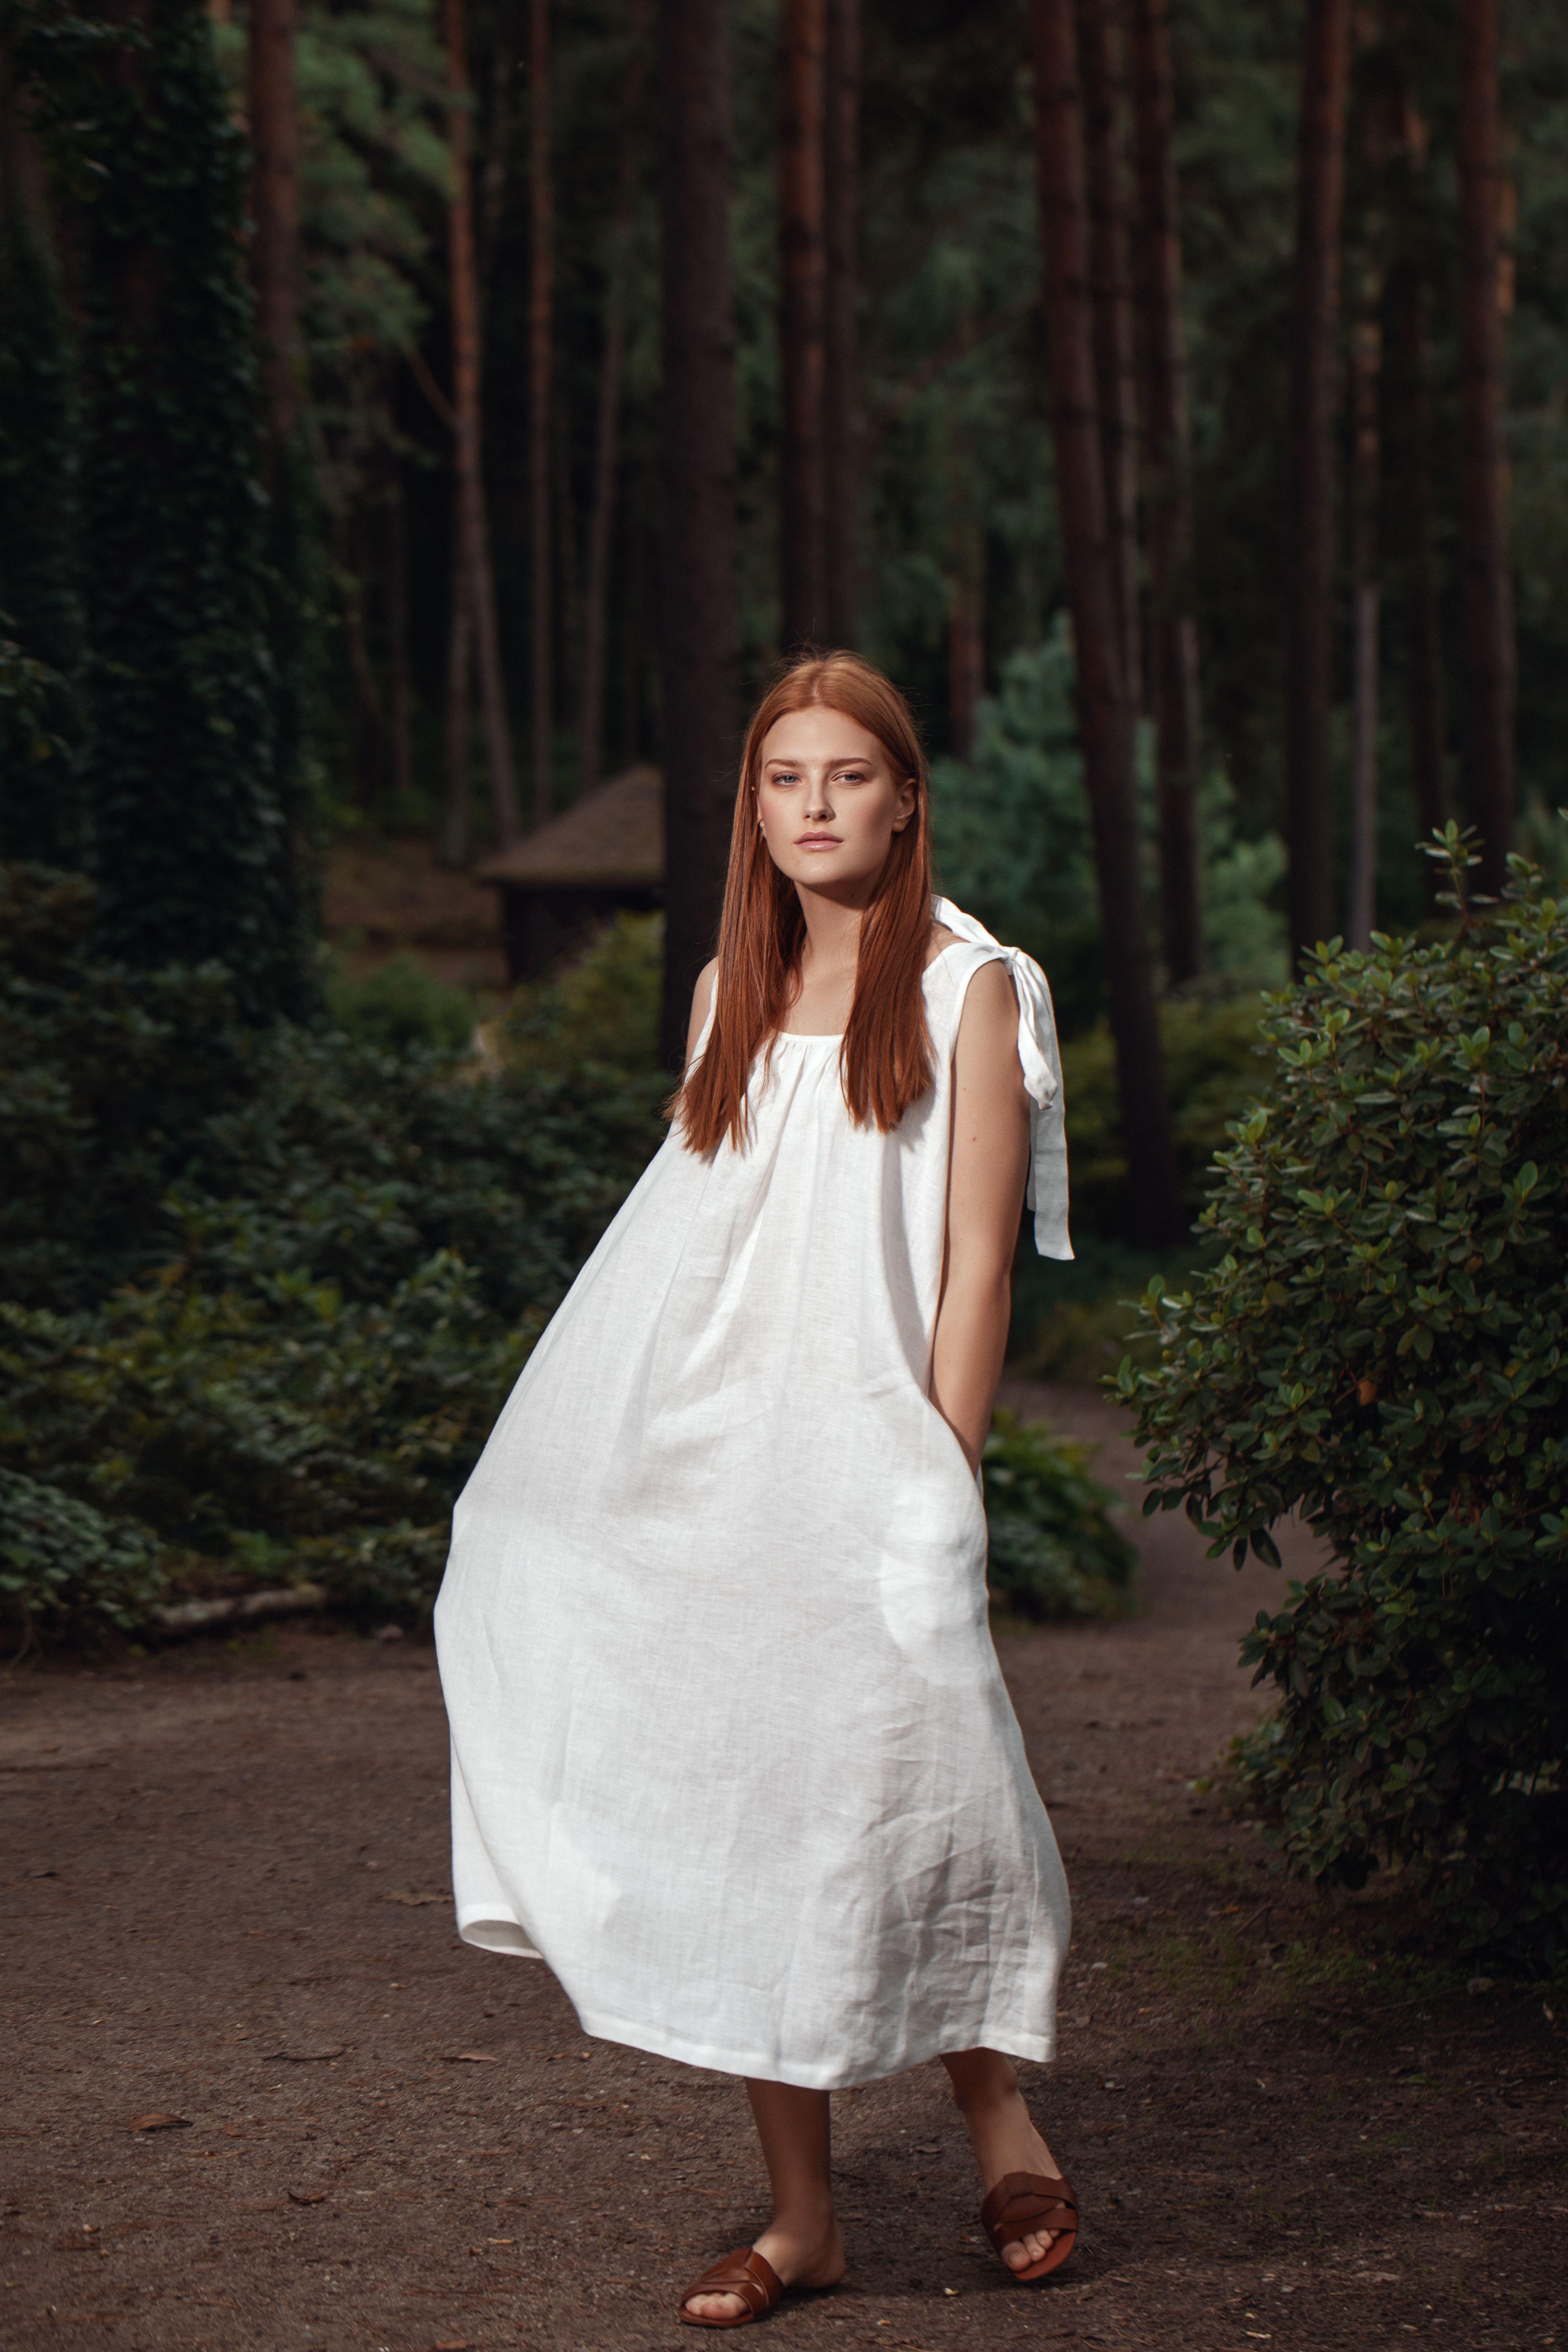 Maxi Linen Dress Preila Long White Linen Dress With Ties Etsy Linen Maxi Dress Dresses White Linen Dress Summer [ 6071 x 4047 Pixel ]